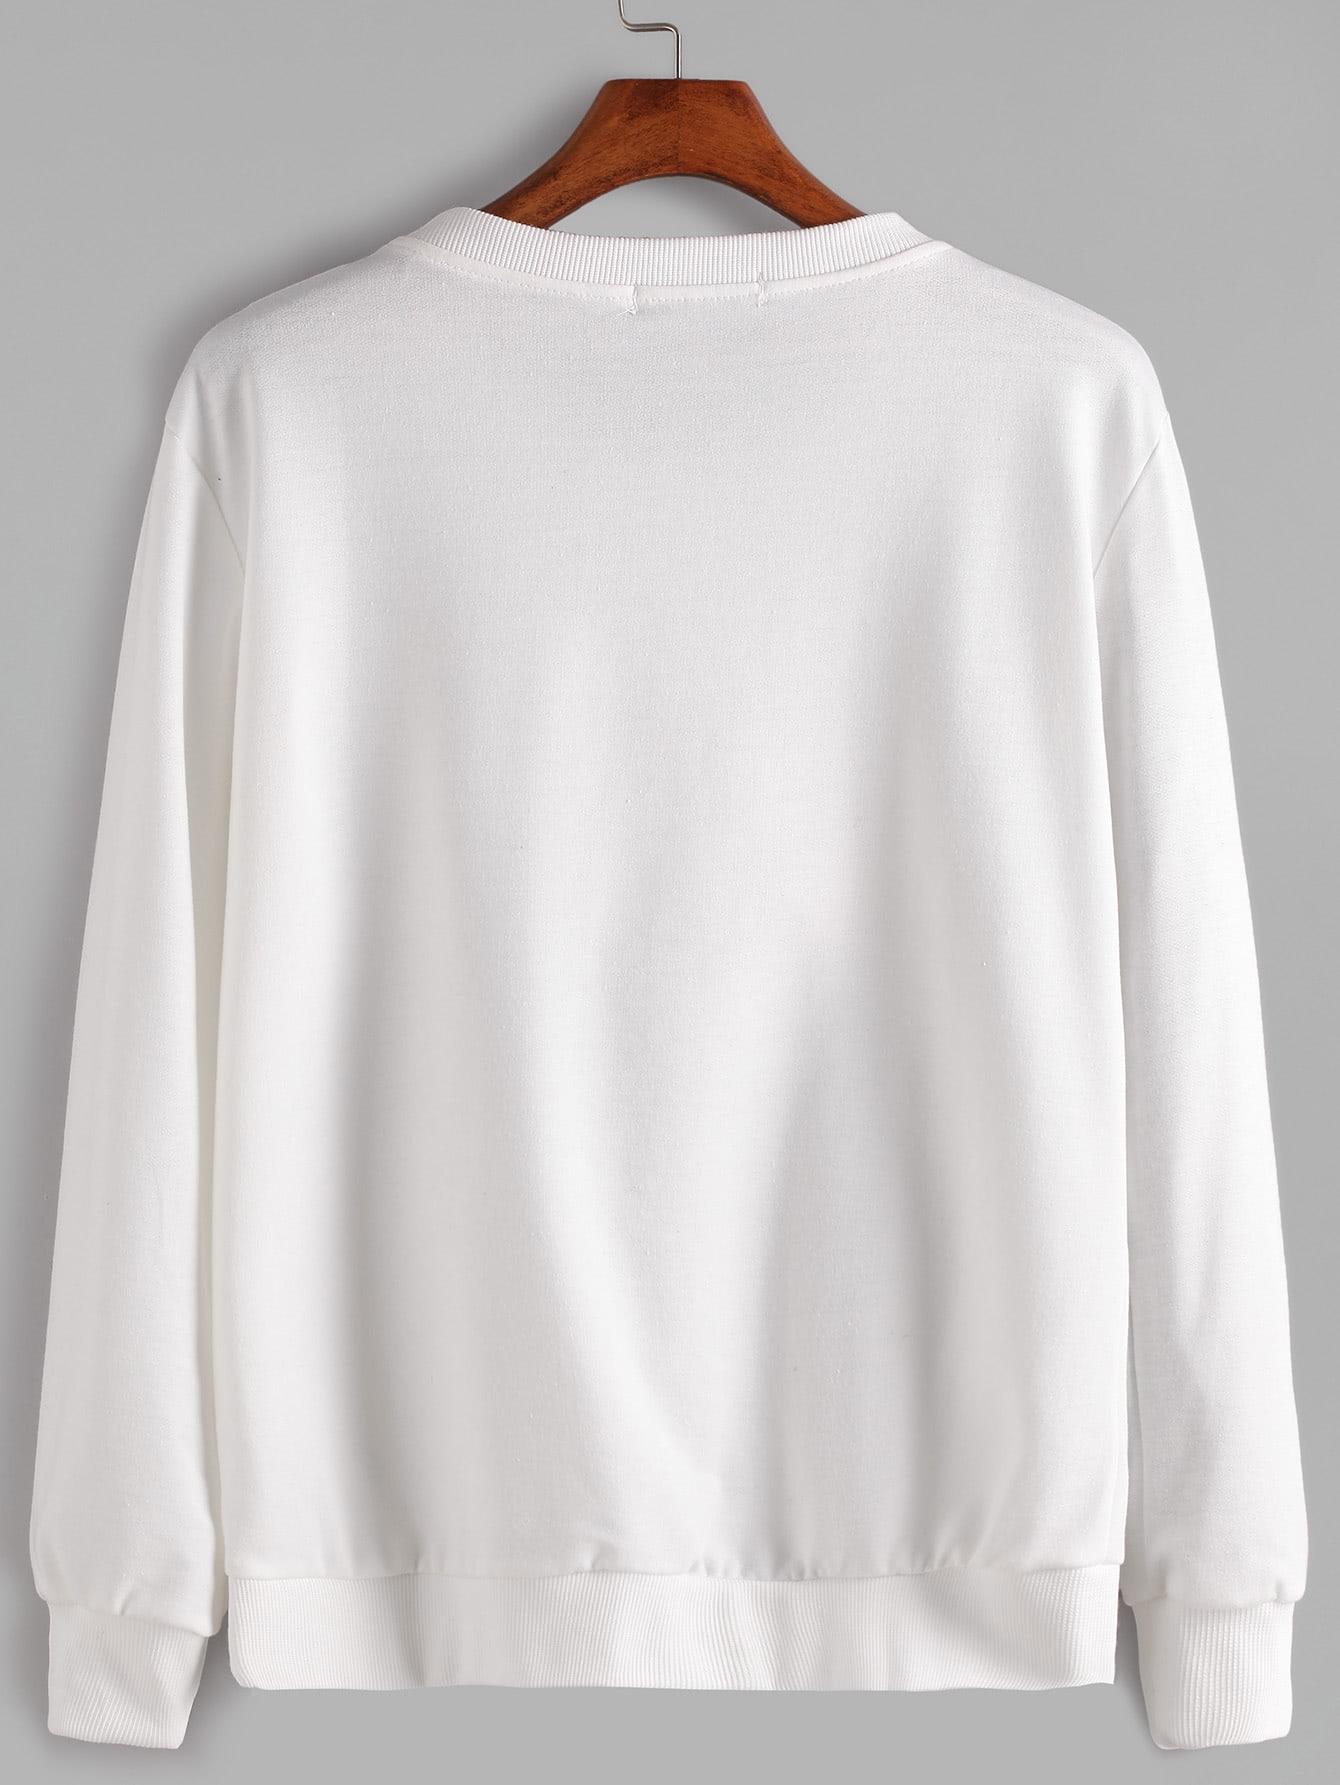 sweatshirt160930107_2